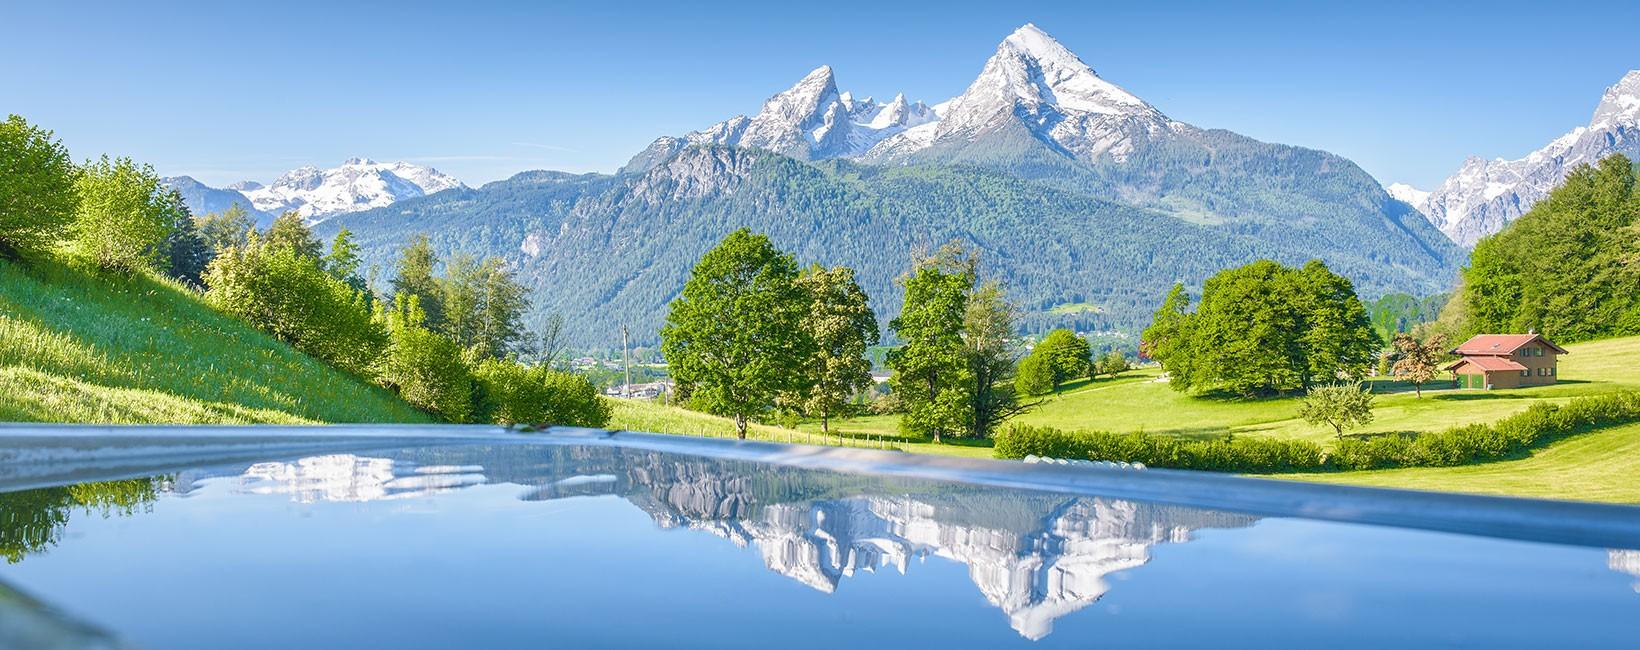 Unterkünfte und Gastgeber in Berchtesgaden